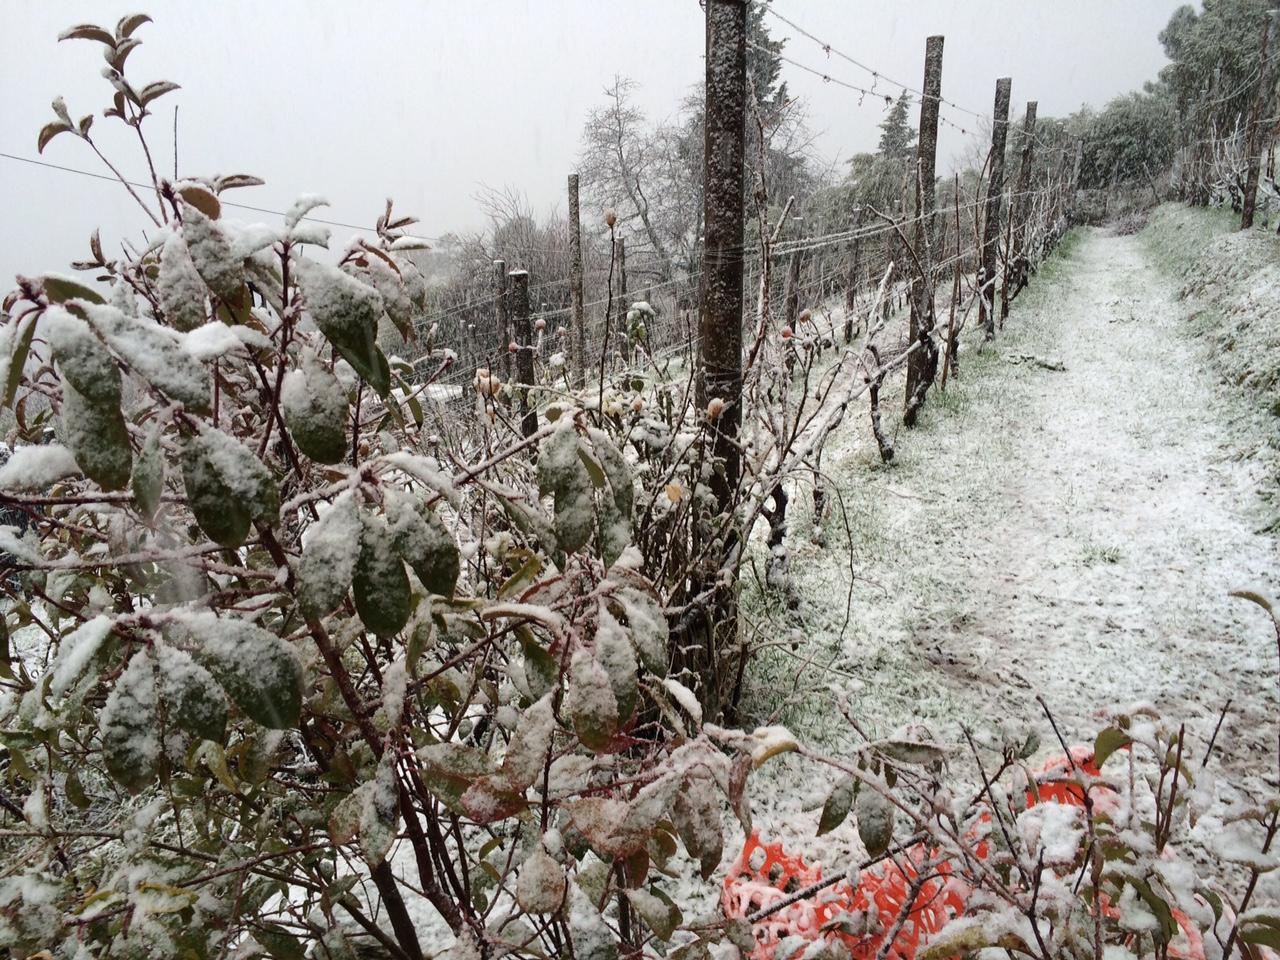 Una suggestiva immagine di un filare di uva con la neve